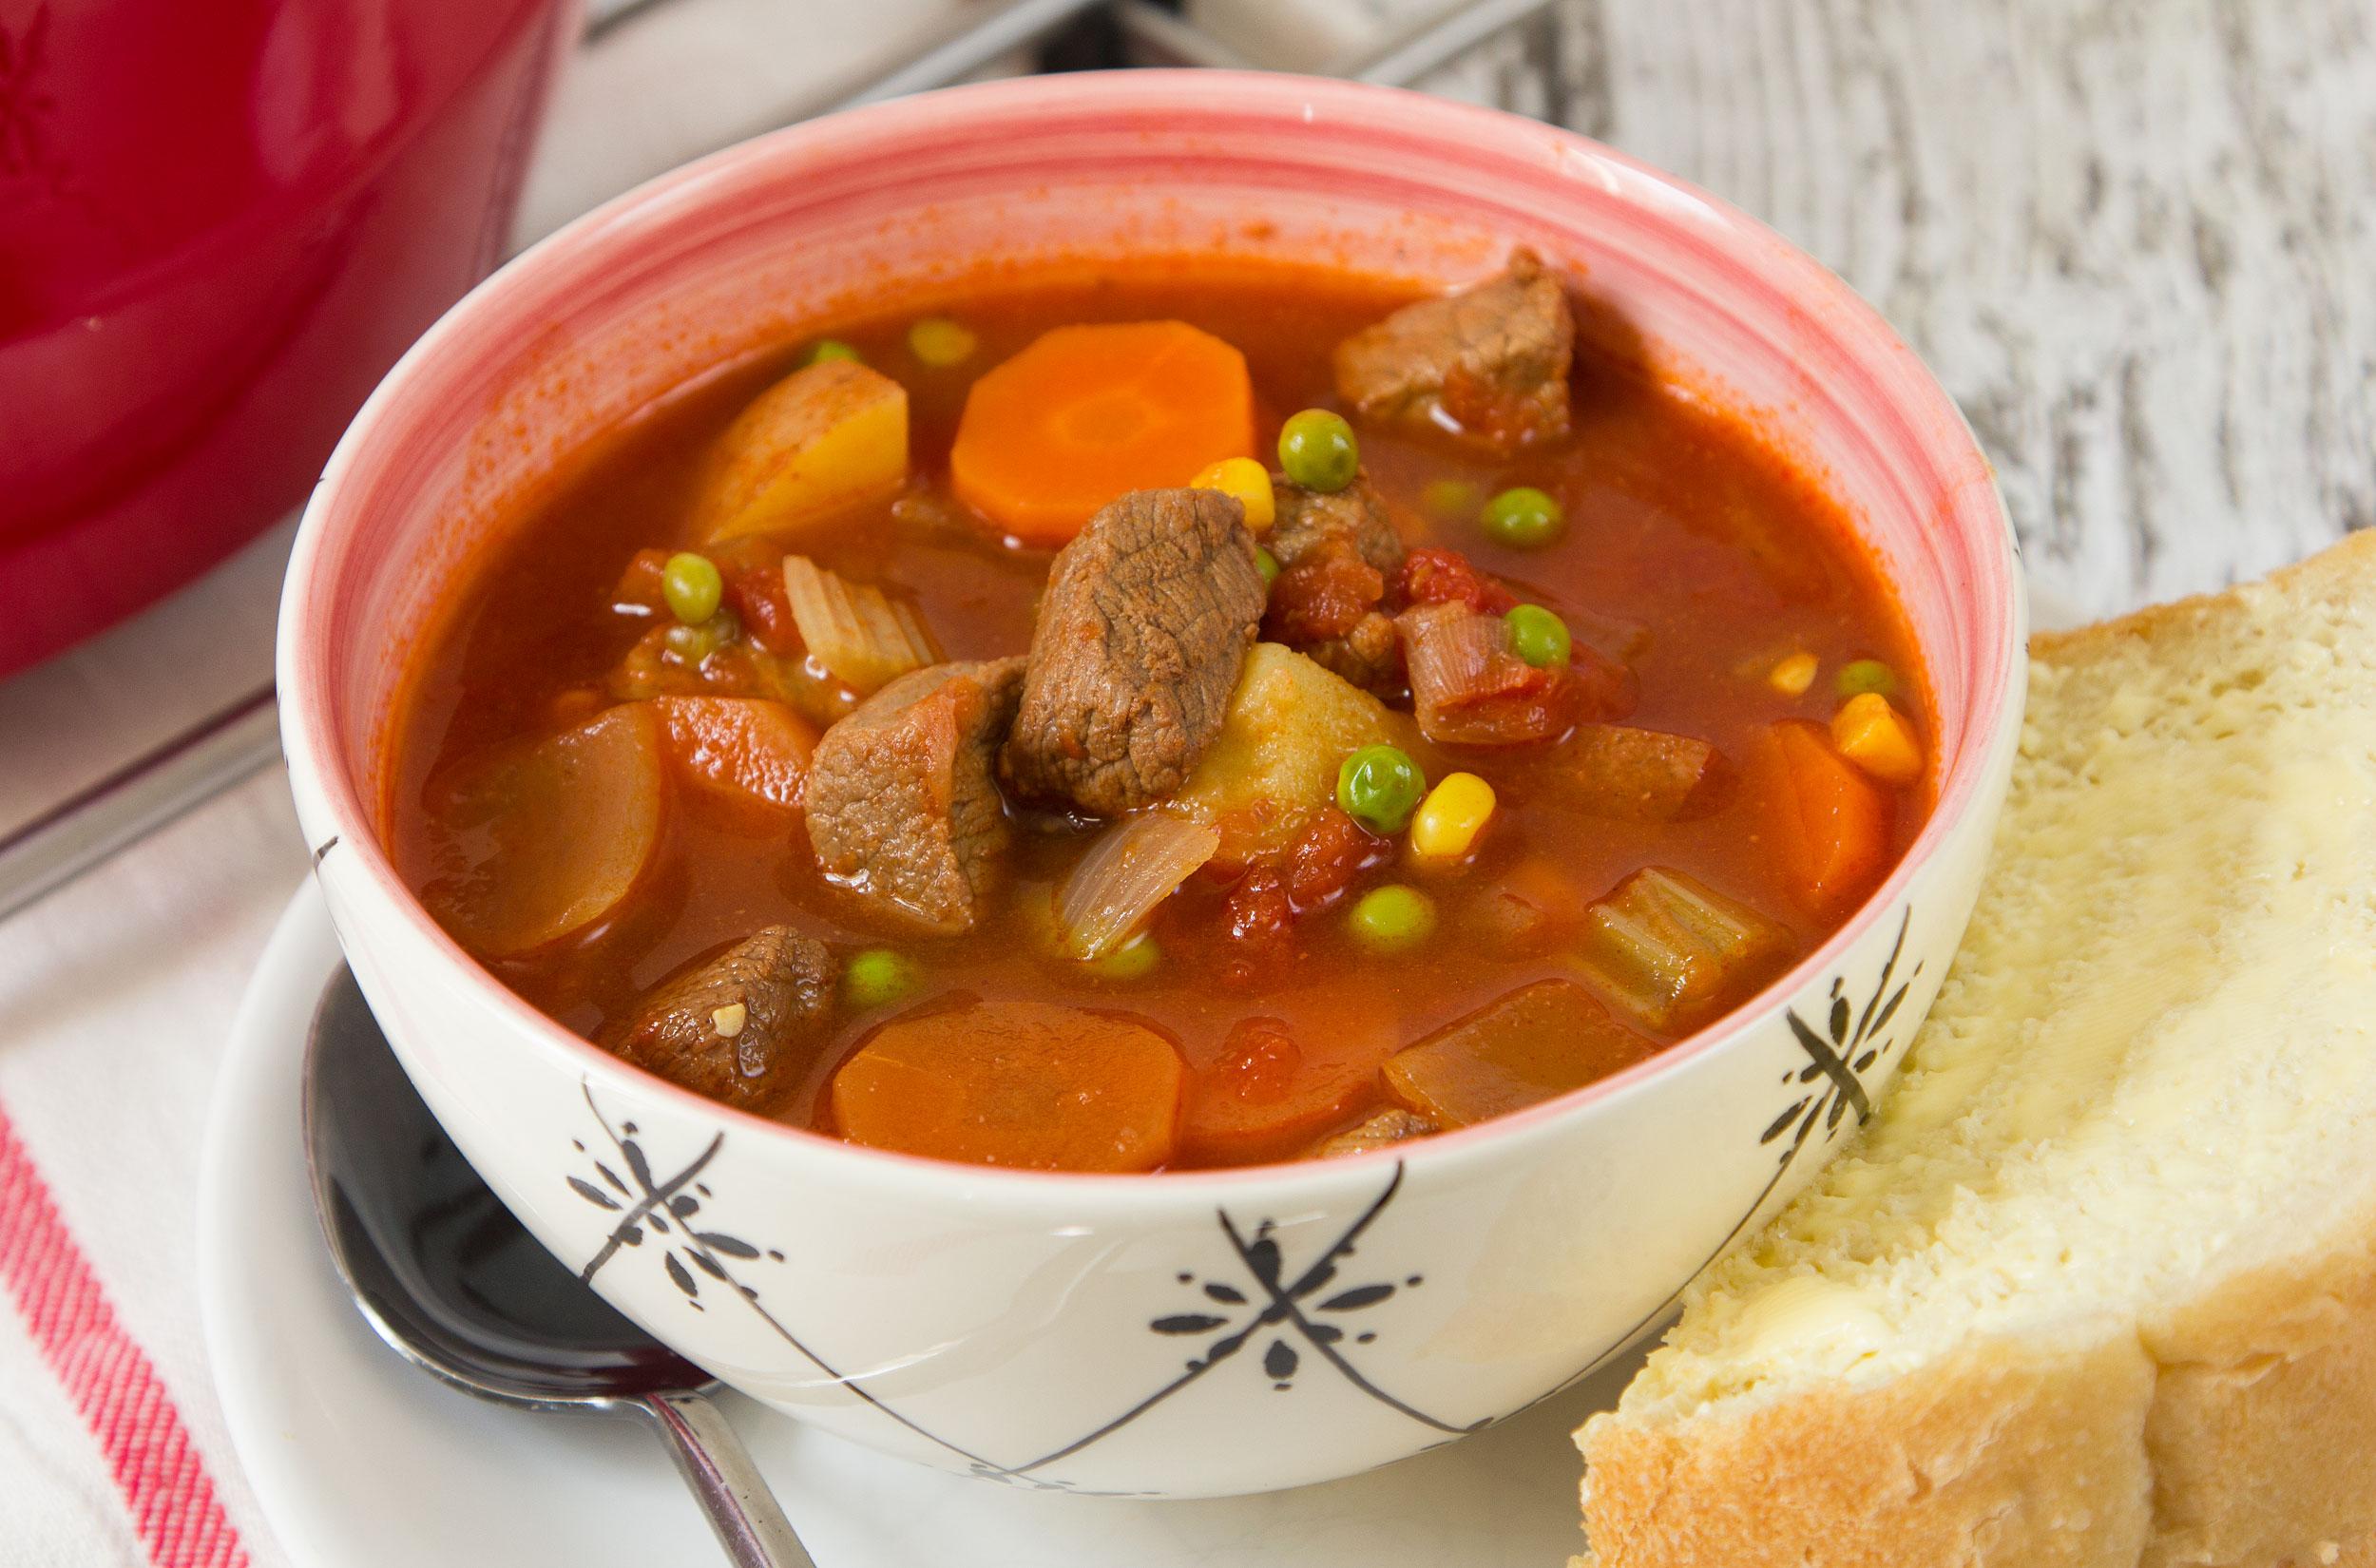 рецепты суп с мясом в картинках намёка стеснение рианна